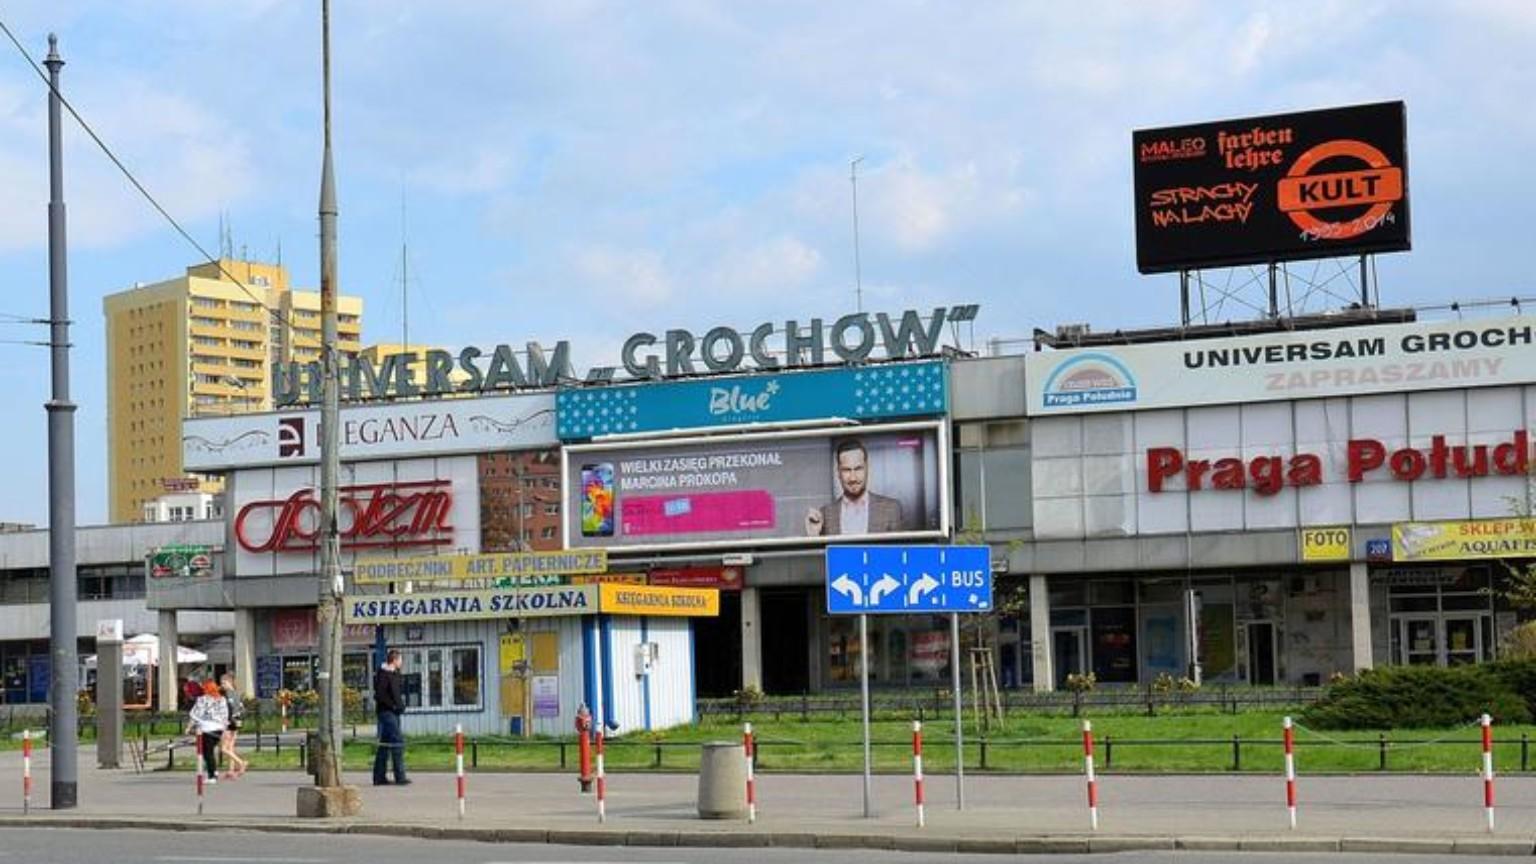 Zdjęcie dla kartki: Ostatni dzień grochowskiego Uniwersamu